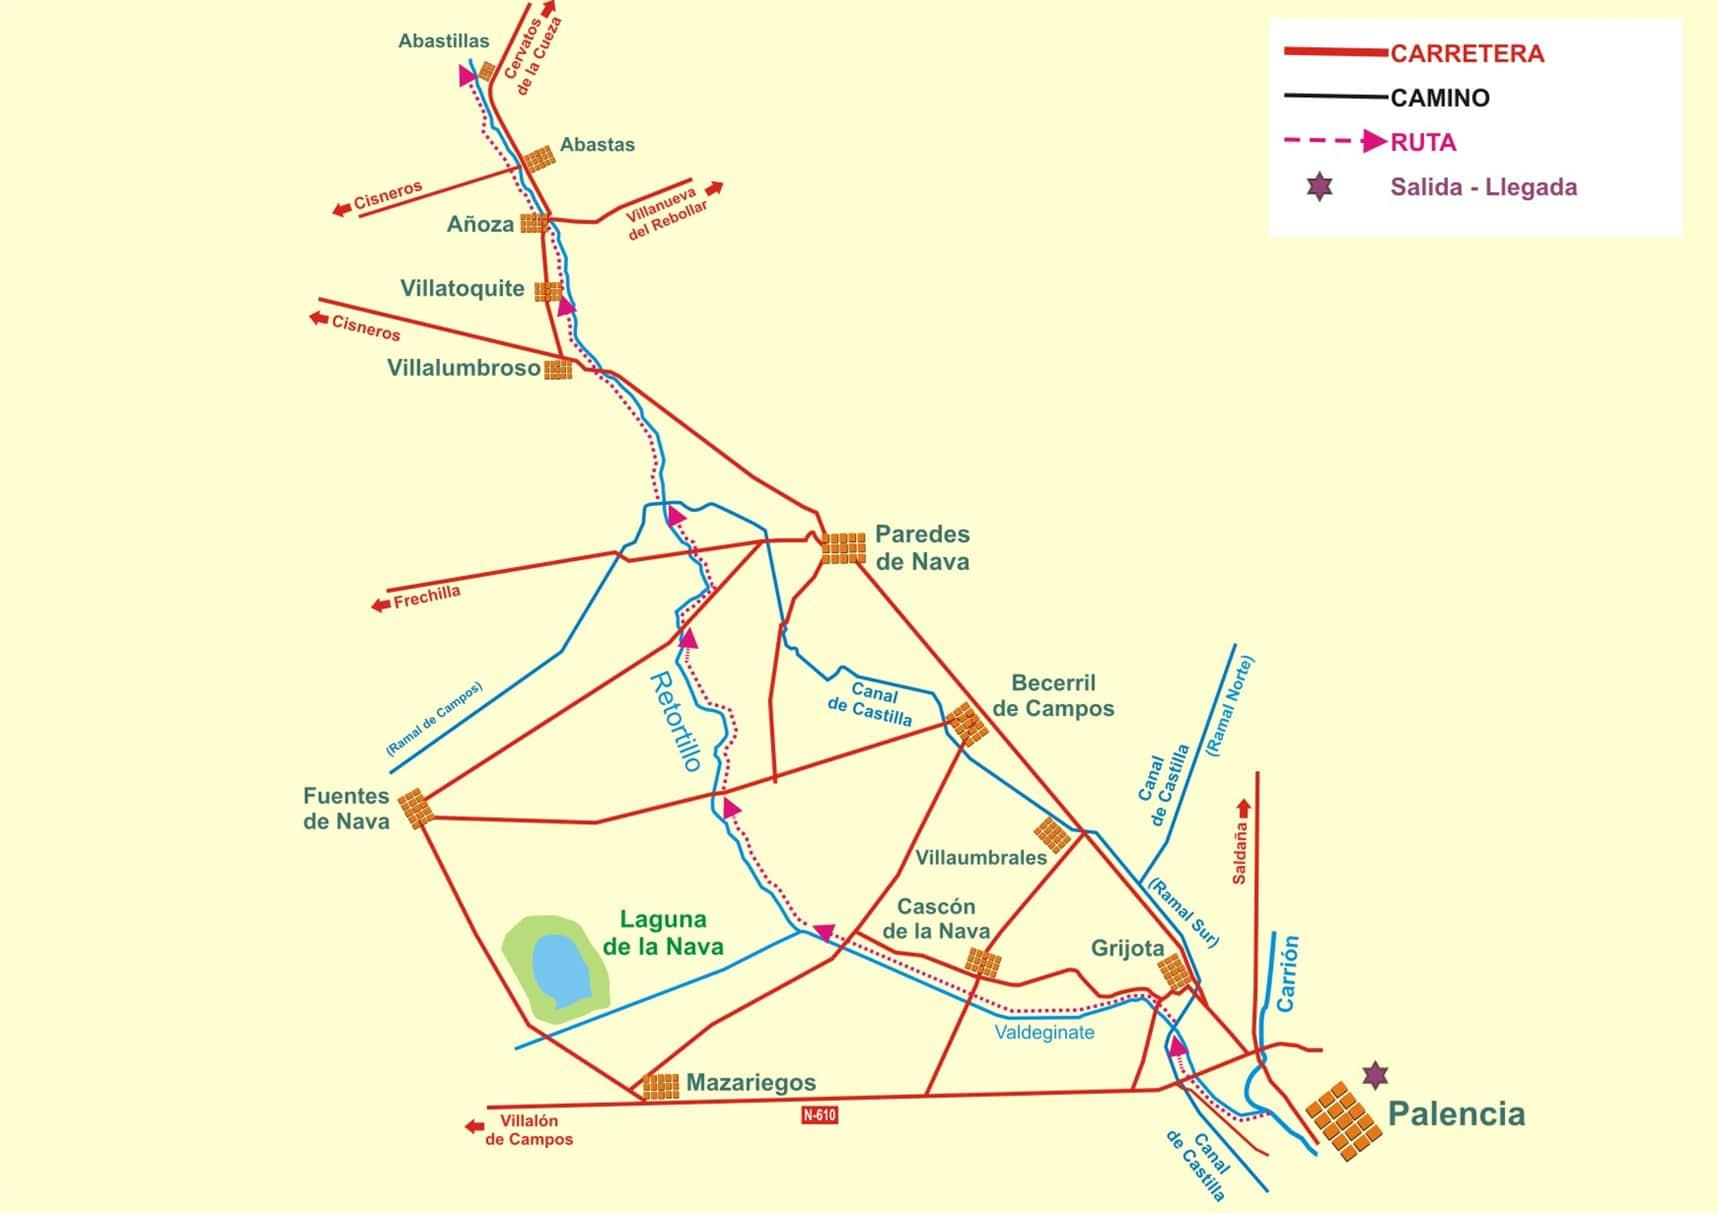 Ruta, canal de castilla - Orígenes de Europa